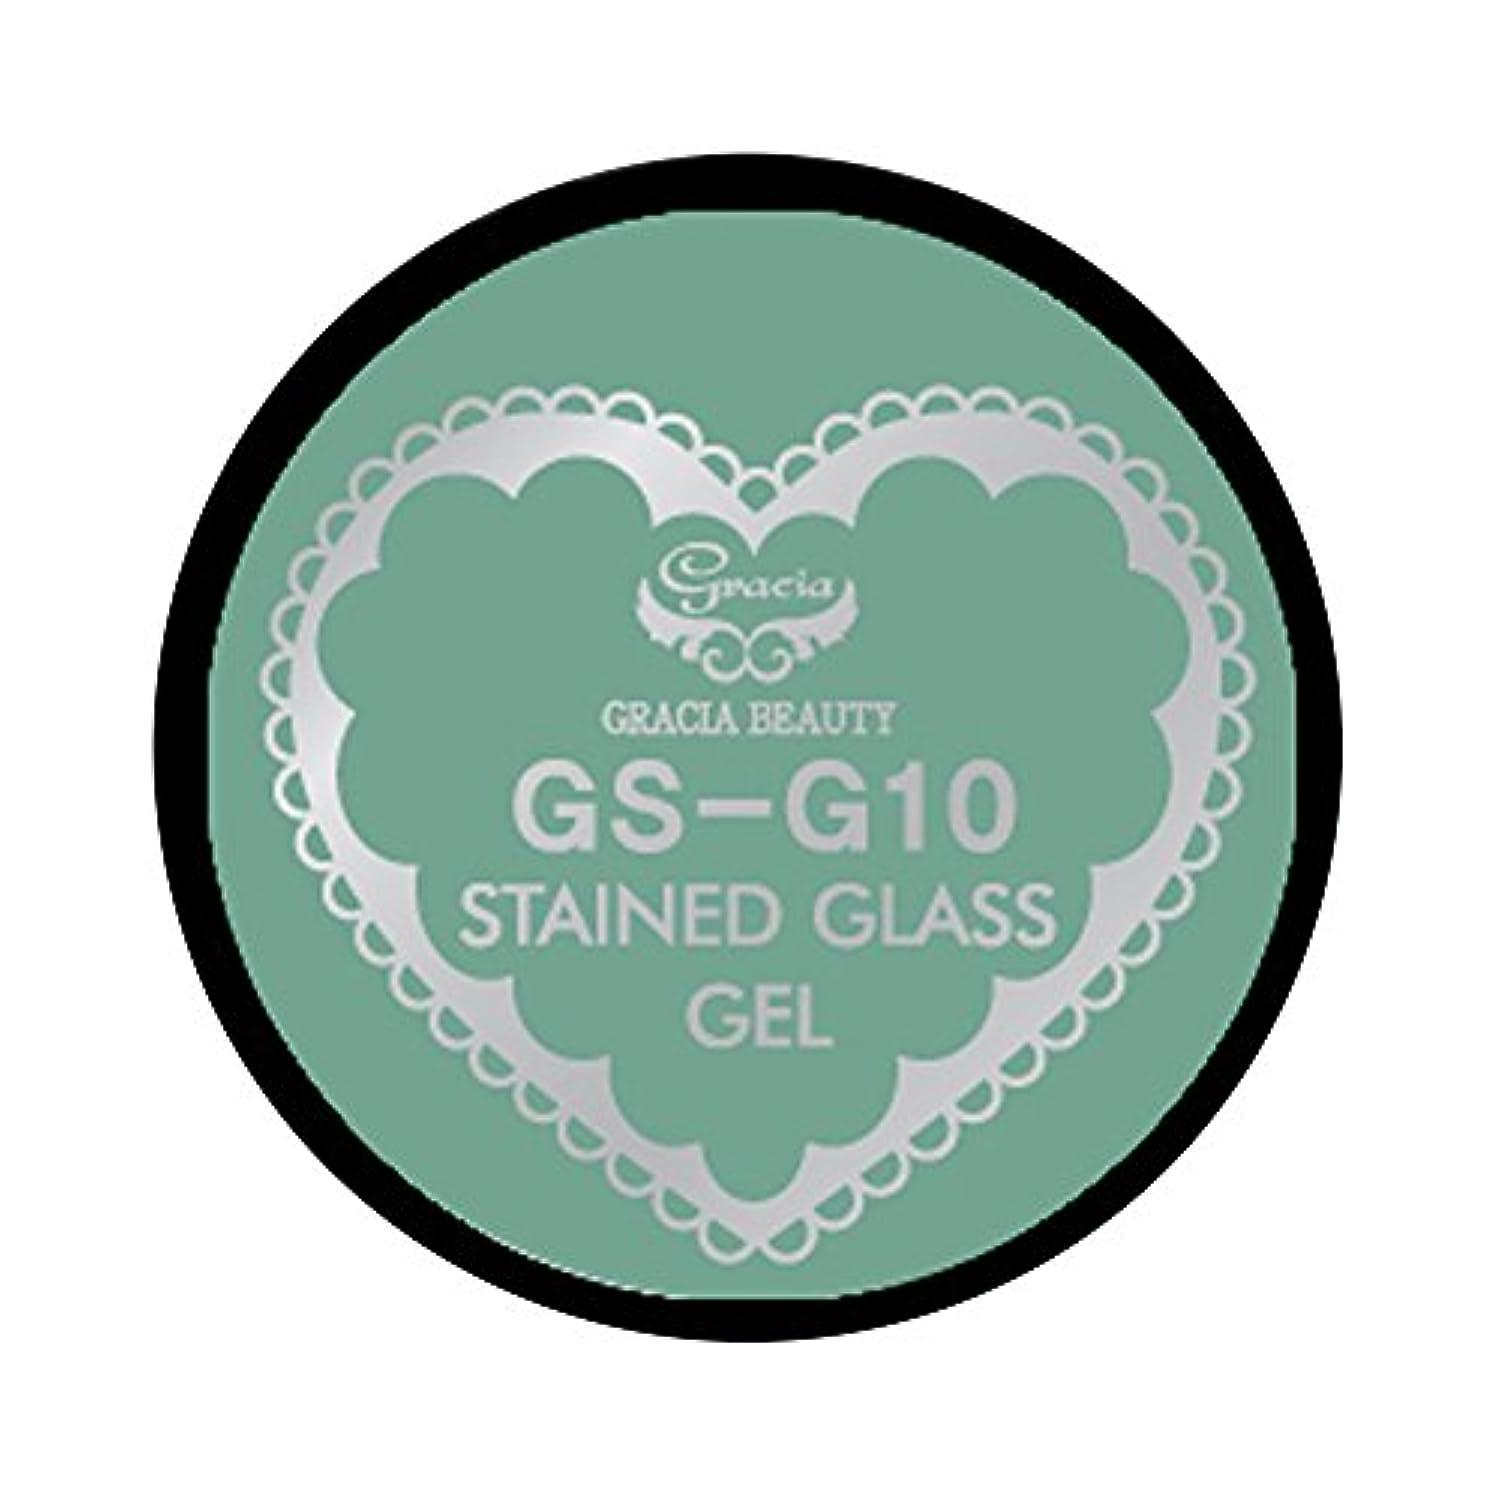 貸し手トレイ提供するグラシア ジェルネイル ステンドグラスジェル GSM-G10 3g  グリッター UV/LED対応 カラージェル ソークオフジェル ガラスのような透明感